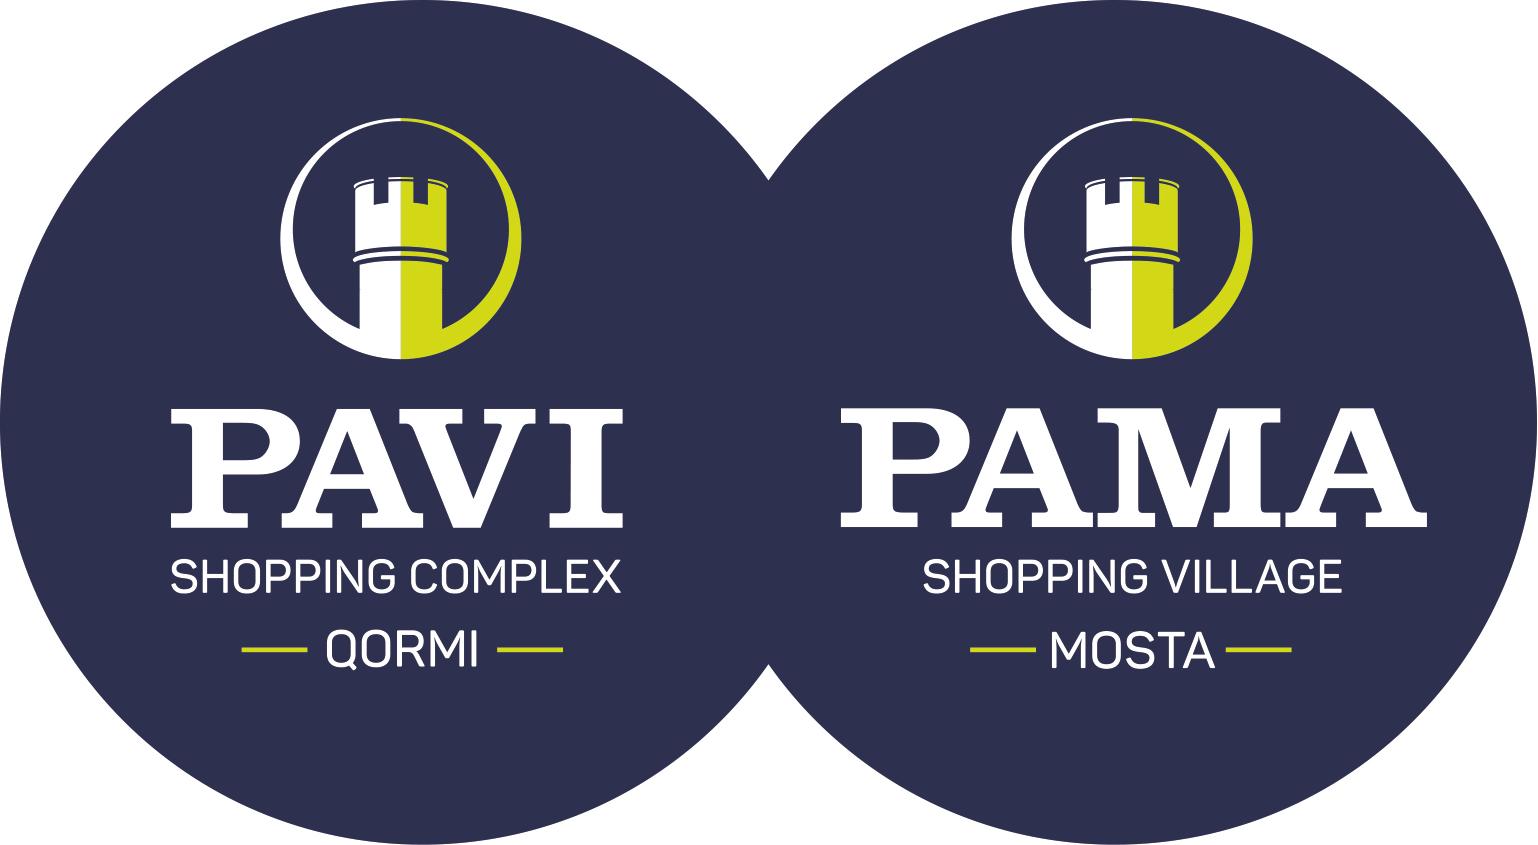 JienSuċċess-sponsor-pama-pavi-logo